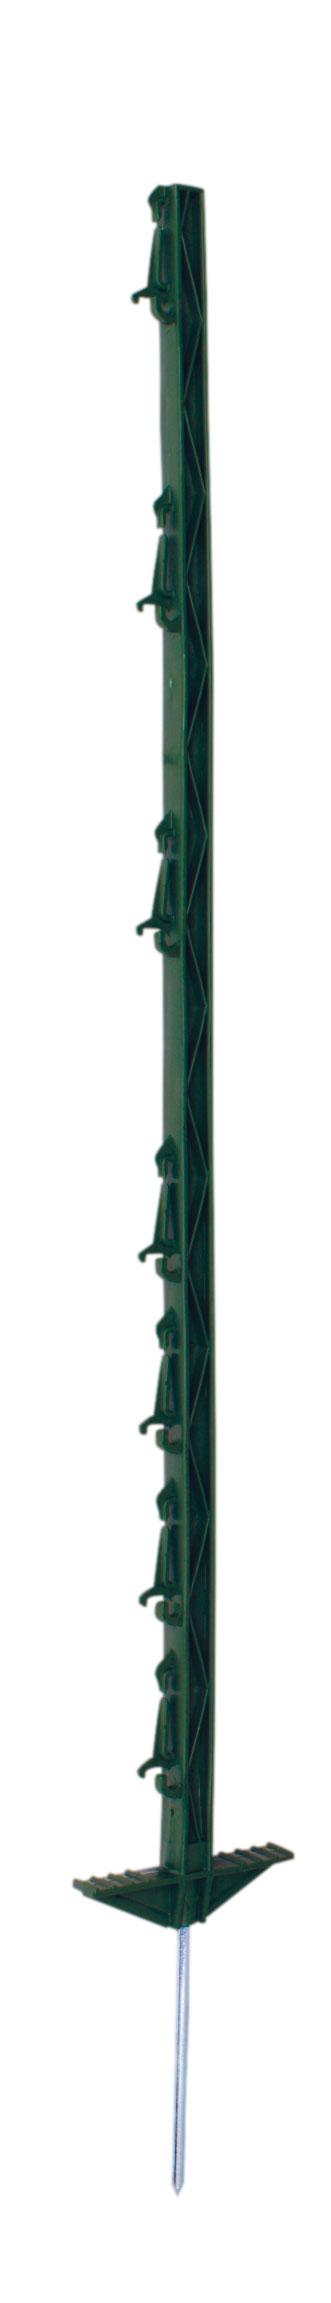 Weidezaunpfahl WZ 4000/110 D G (grün)